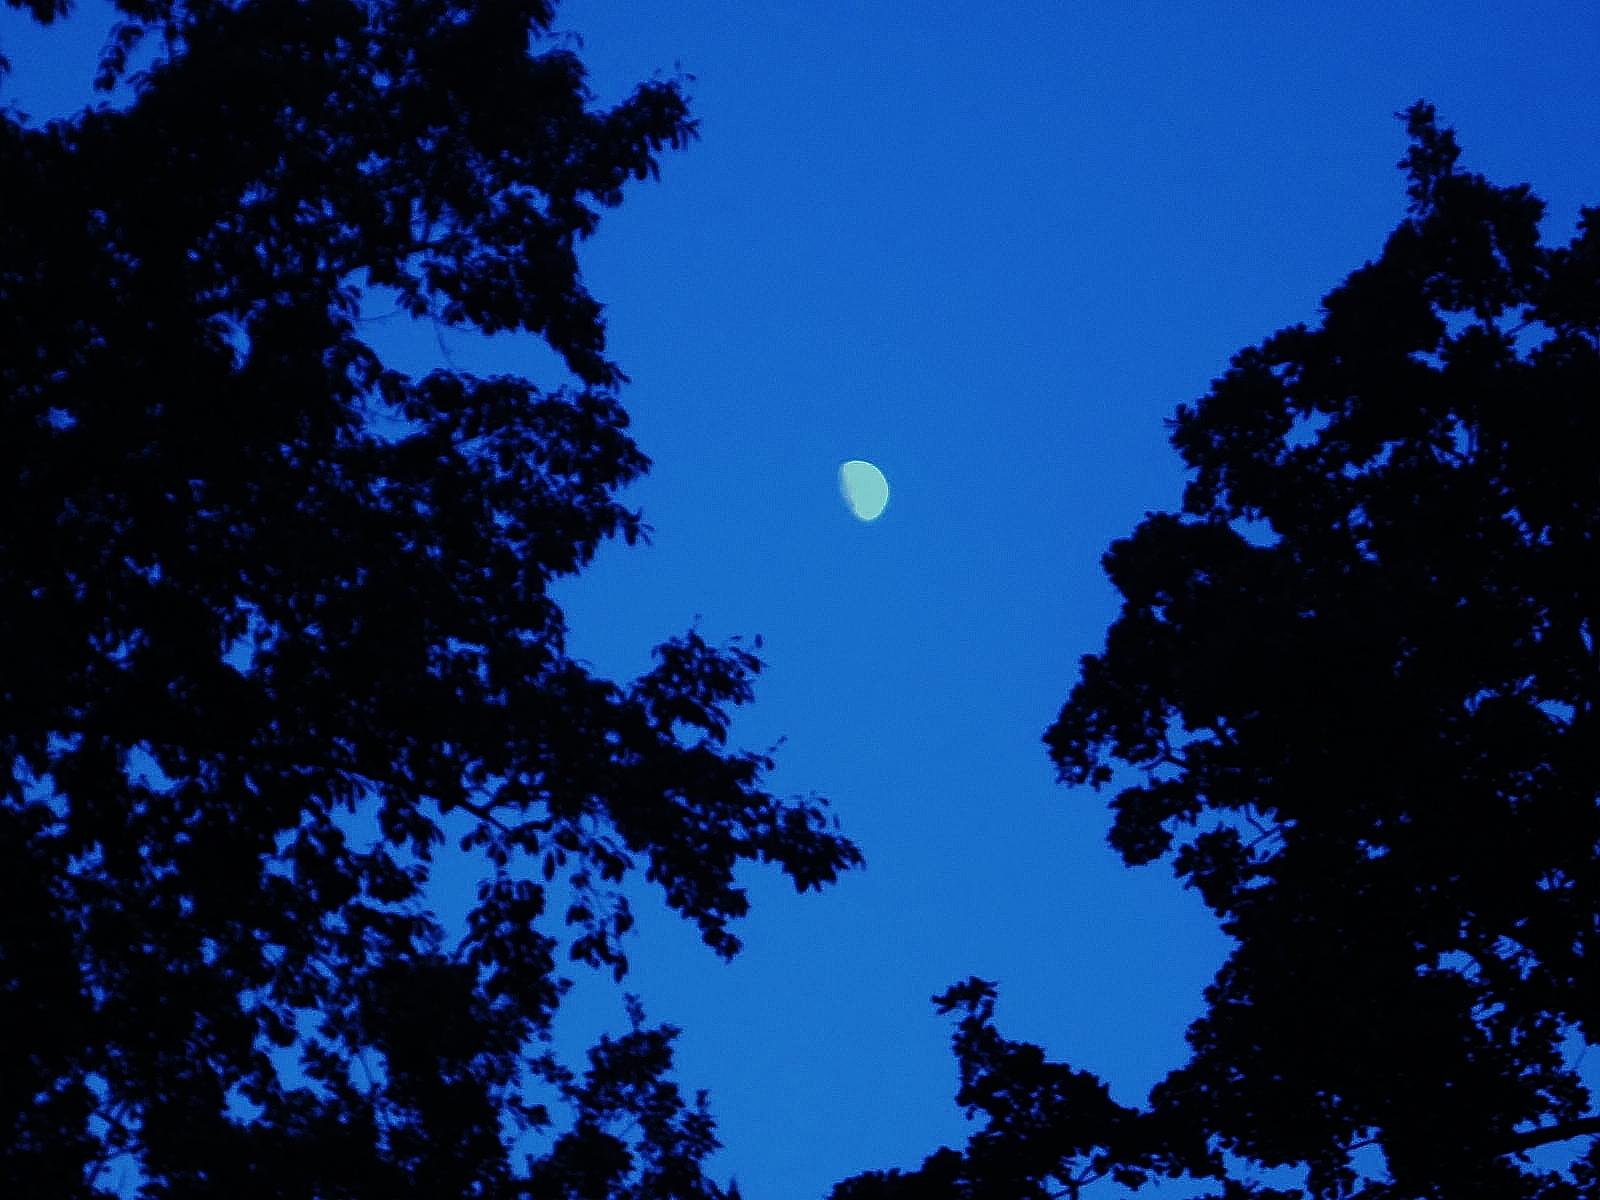 http://3.bp.blogspot.com/-7CAADR239C4/UDsocU290-I/AAAAAAAAG5M/KIEZBjKjfWE/s1600/Sunday+August+26,2012+013.JPG